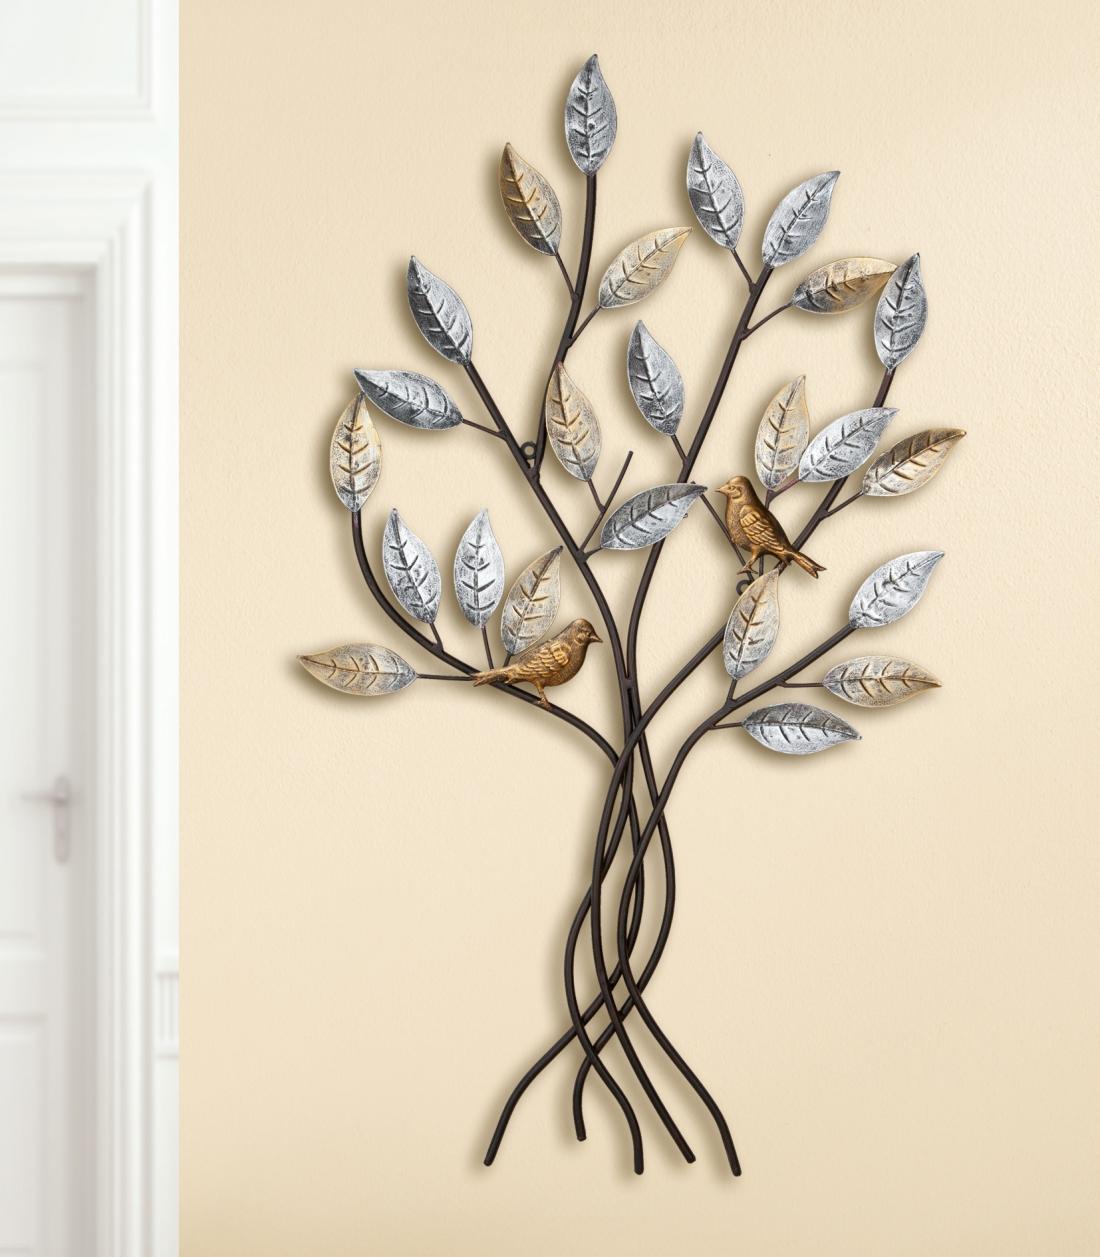 Metalen wandobject boom met vogels 50x76